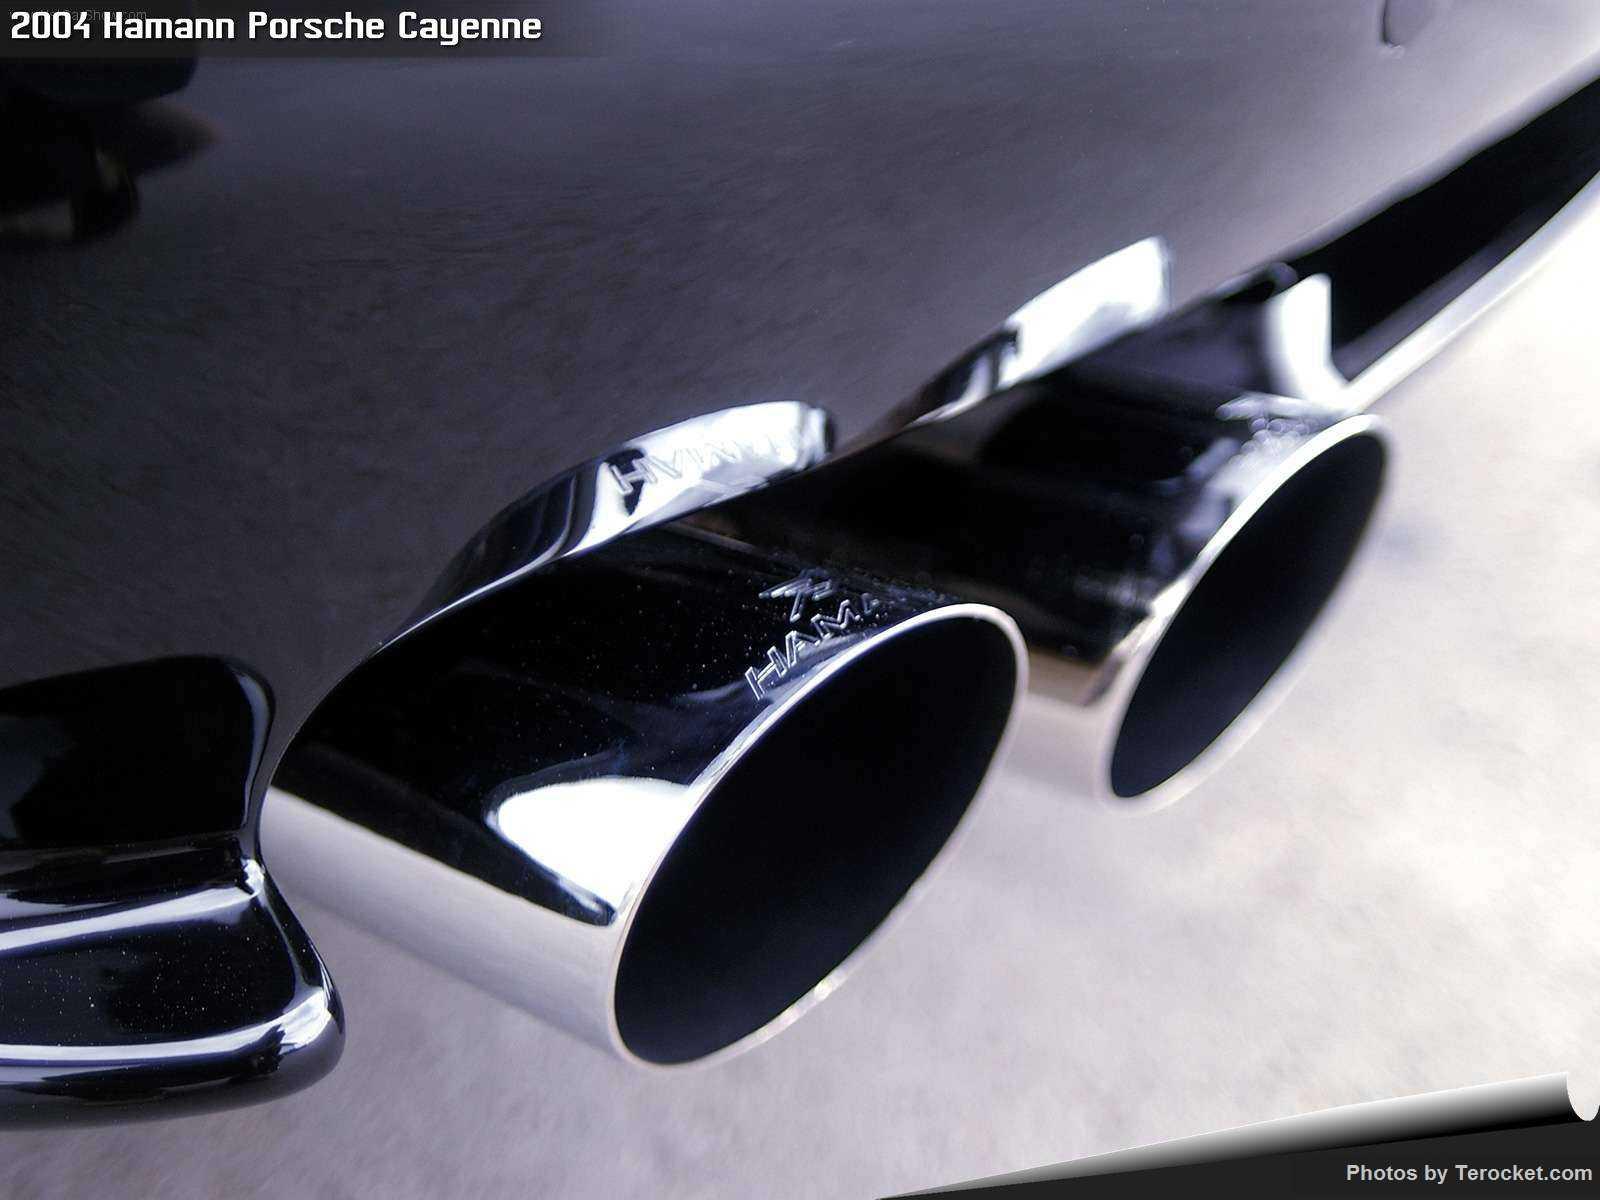 Hình ảnh xe ô tô Hamann Porsche Cayenne 2004 & nội ngoại thất